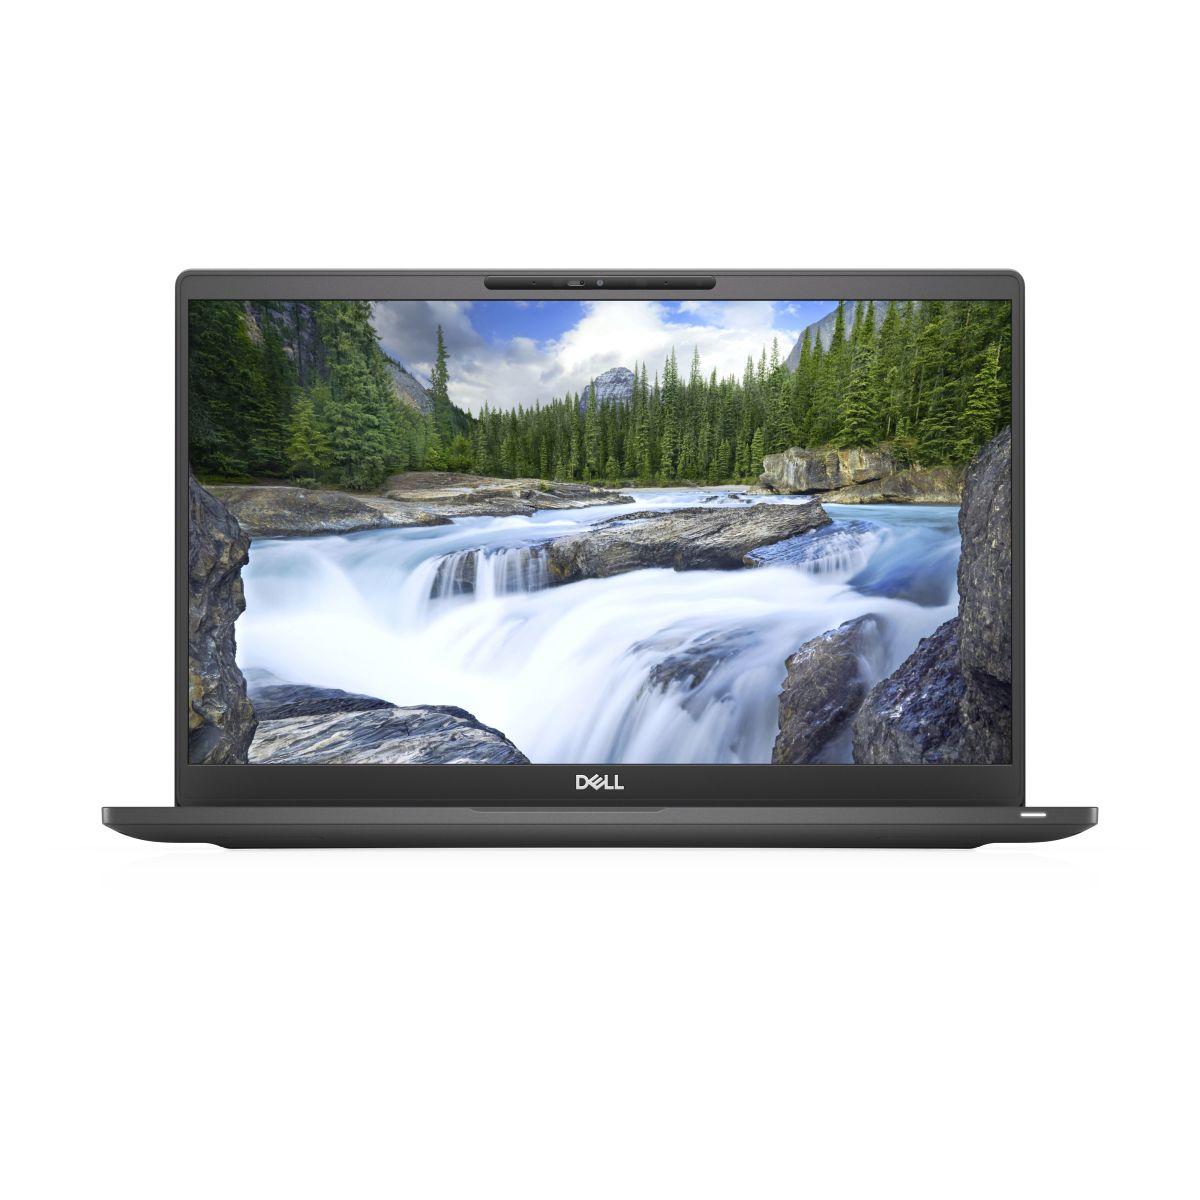 Ultrabook Dell Latitude 7400 14 Full HD Intel Core i7-8665U RAM 32GB SSD 1TB 4G Windows 10 Pro Negru